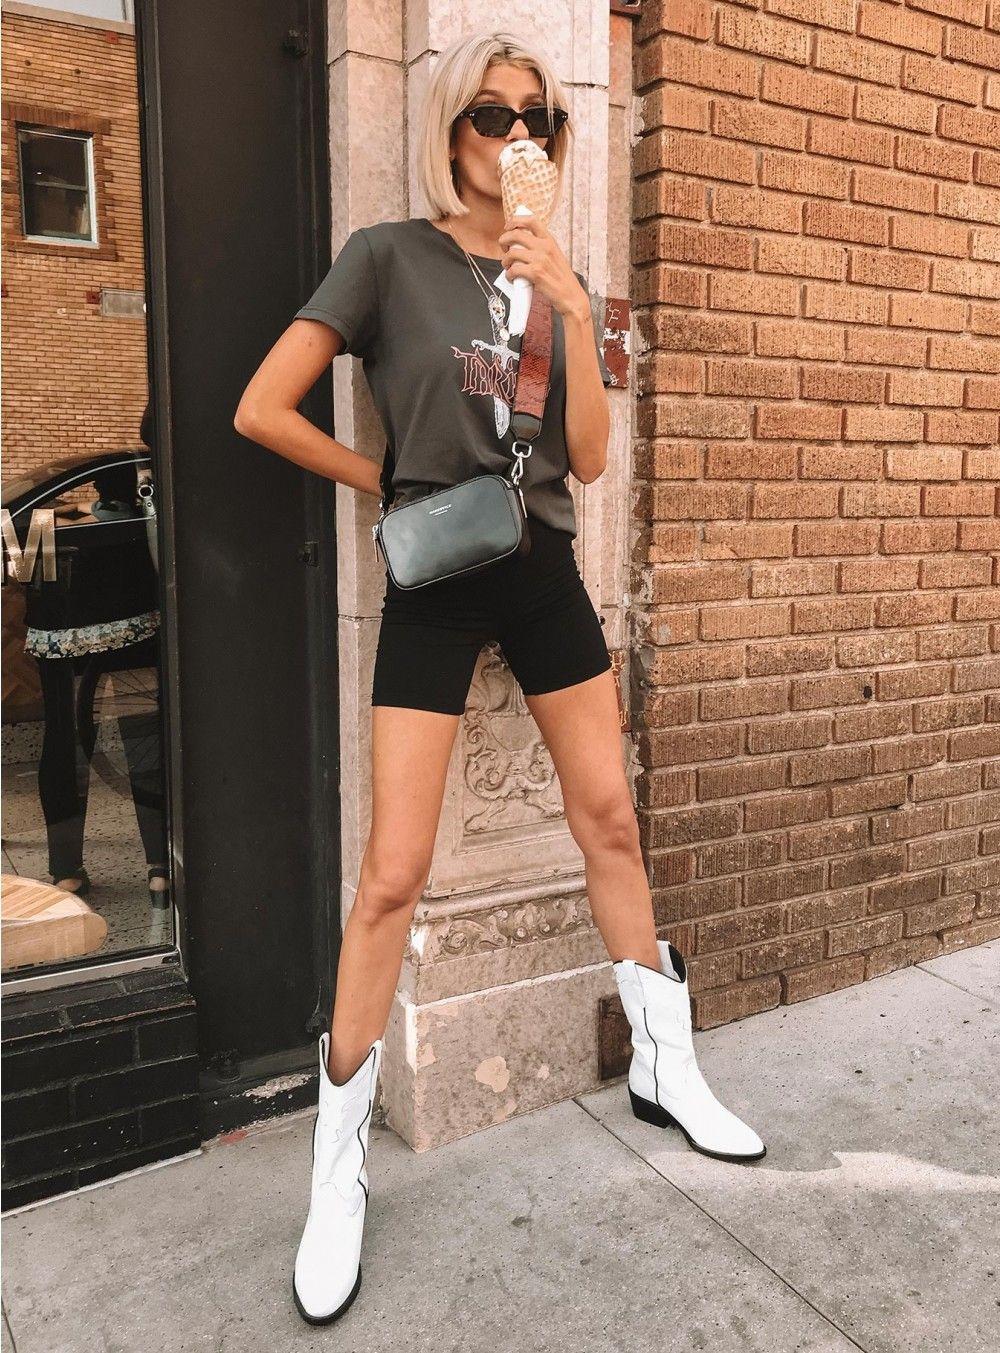 ROC Boots Australia Indio Boots White